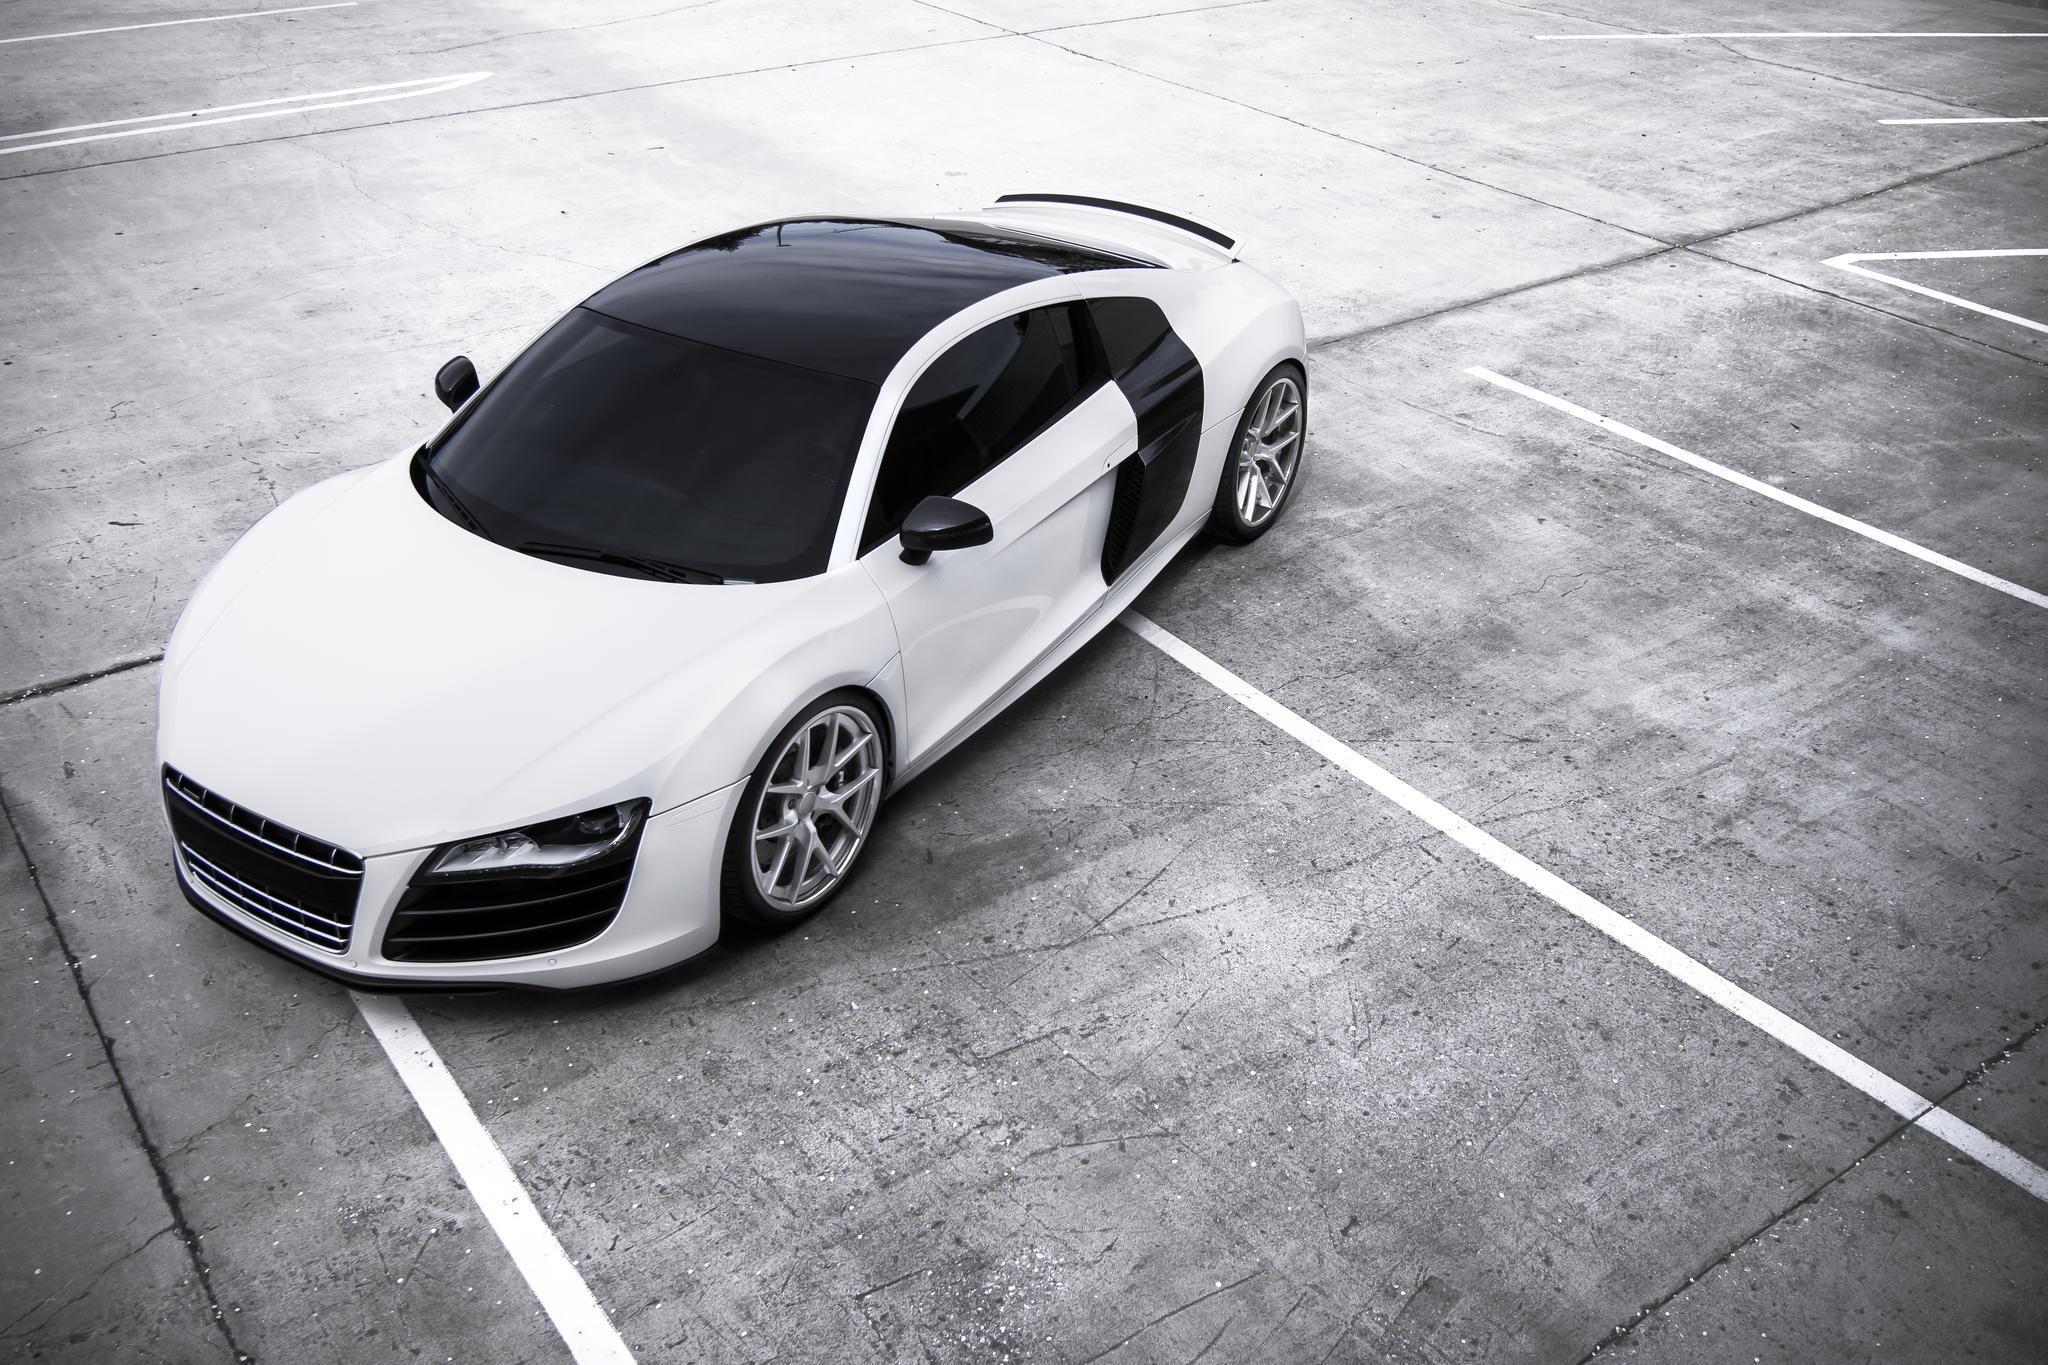 104917 Hintergrundbild 1280x800 kostenlos auf deinem Handy, lade Bilder Audi, Cars, Blick Von Oben, R8 1280x800 auf dein Handy herunter